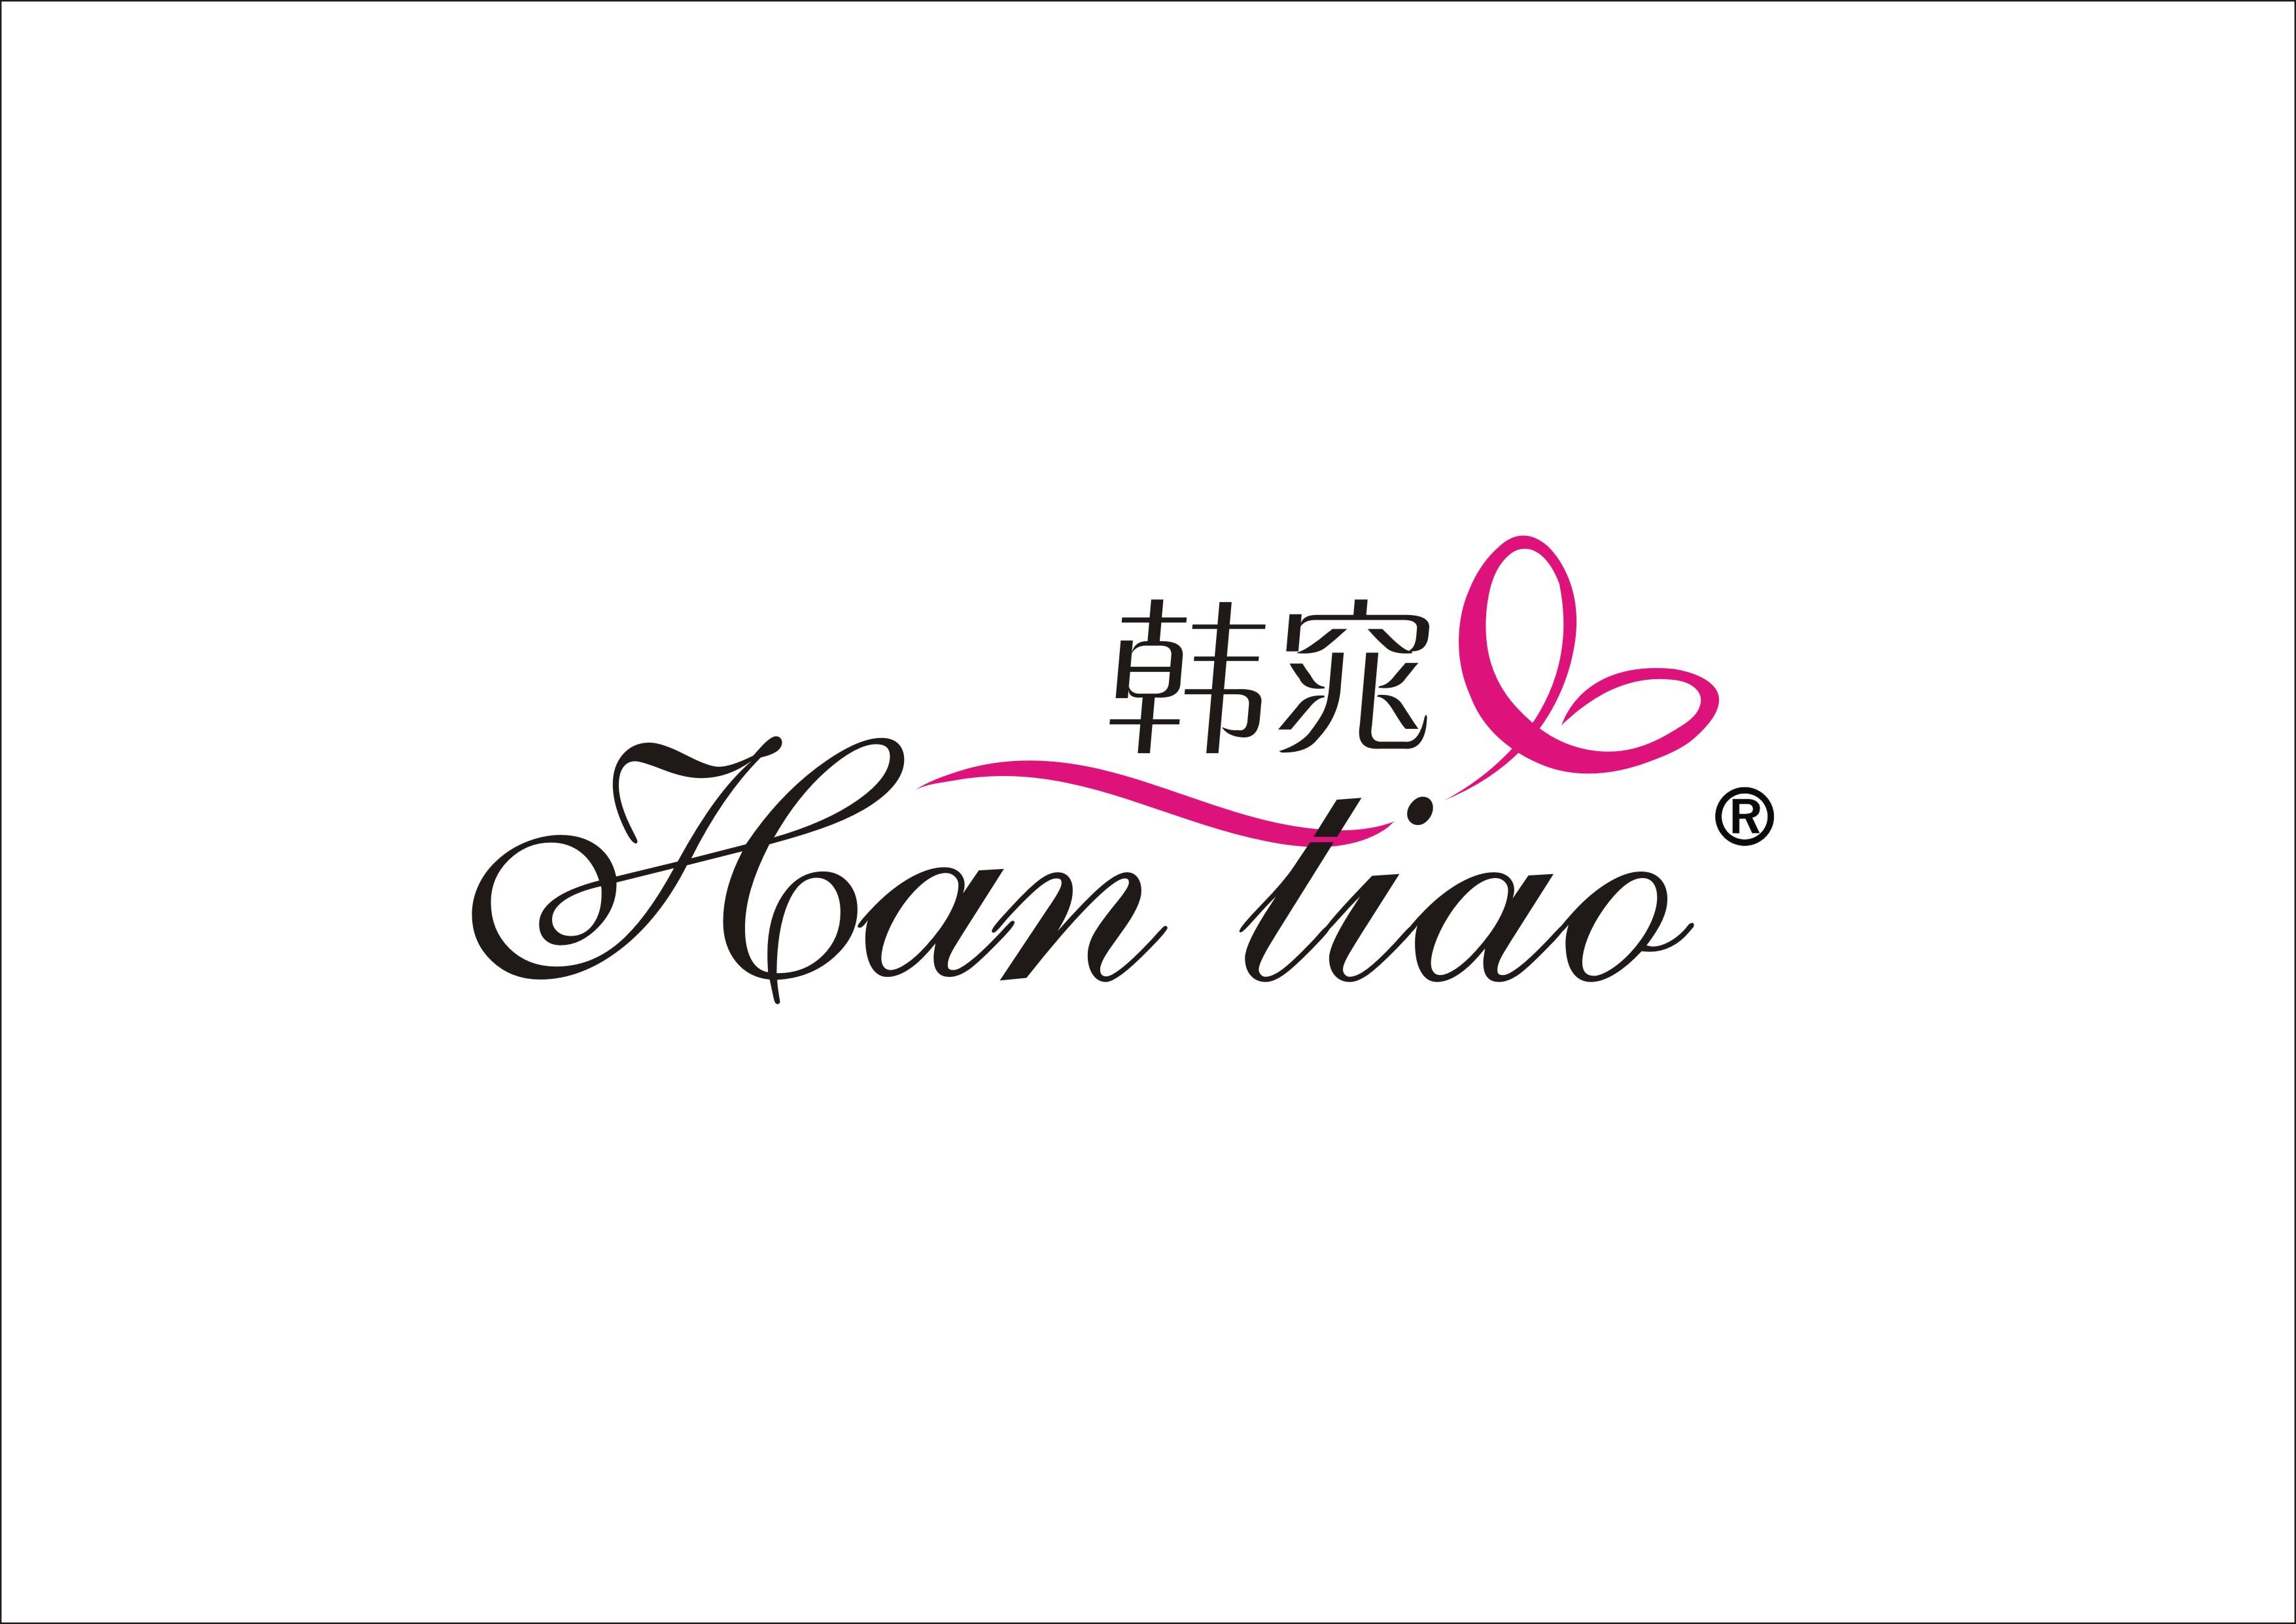 logo logo 标志 设计 矢量 矢量图 素材 图标 3510_2482